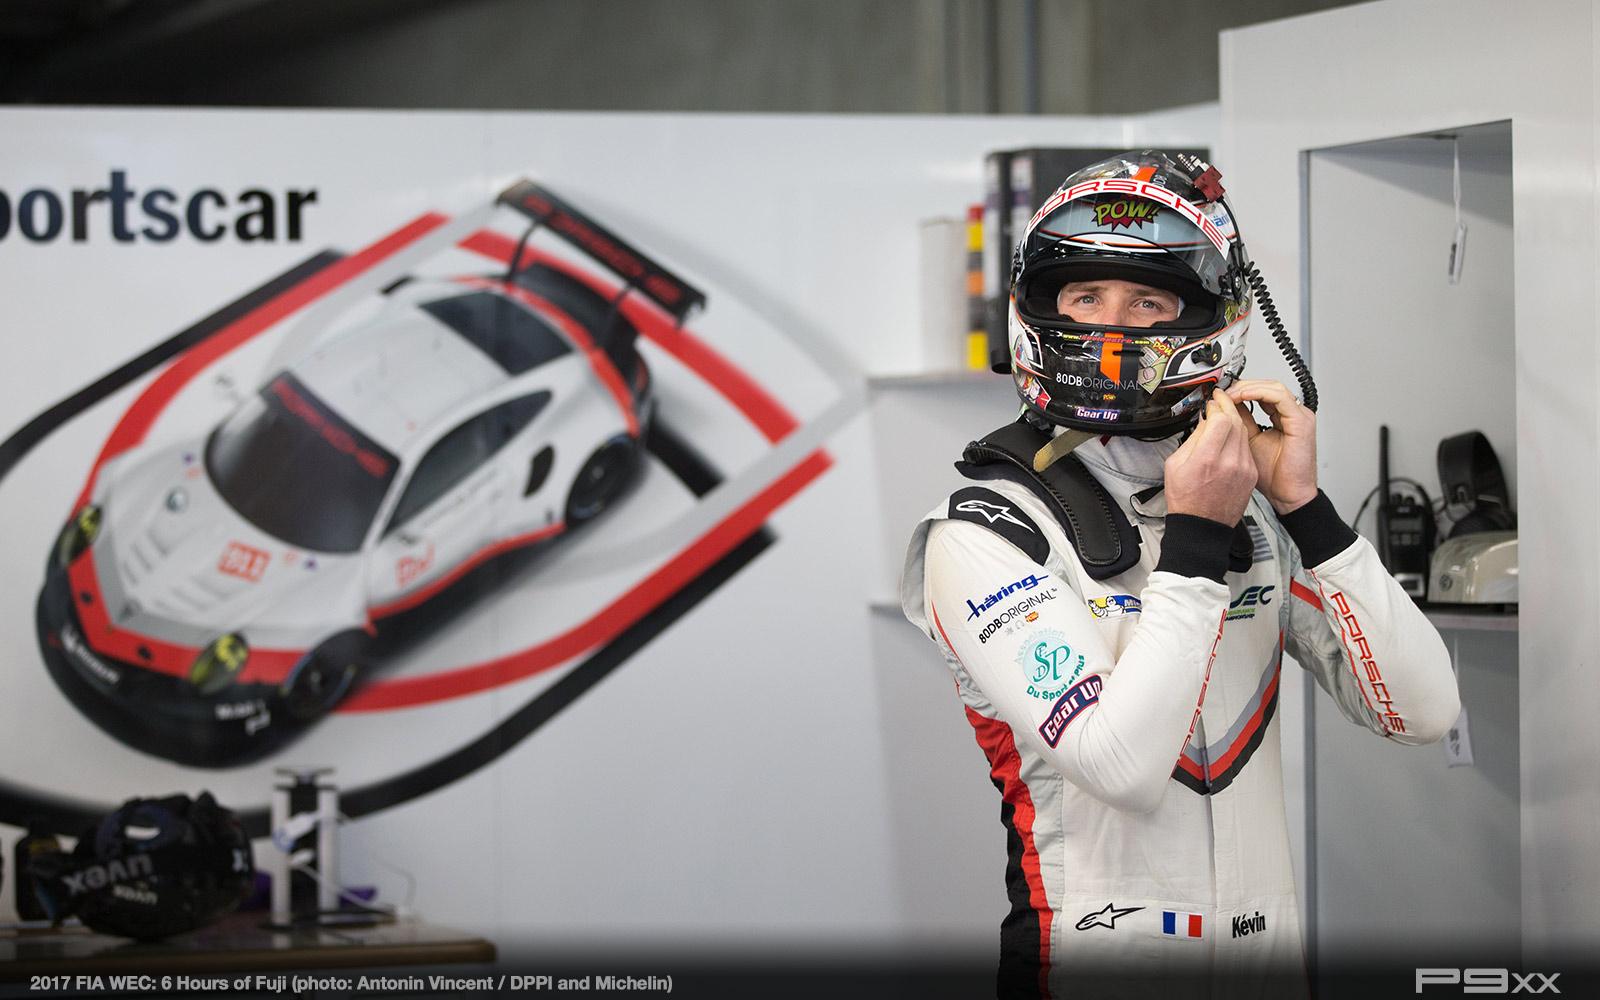 2017-FIA-WEC-6h-of-Fuji-Porsche-Fuji_02117011_1078300